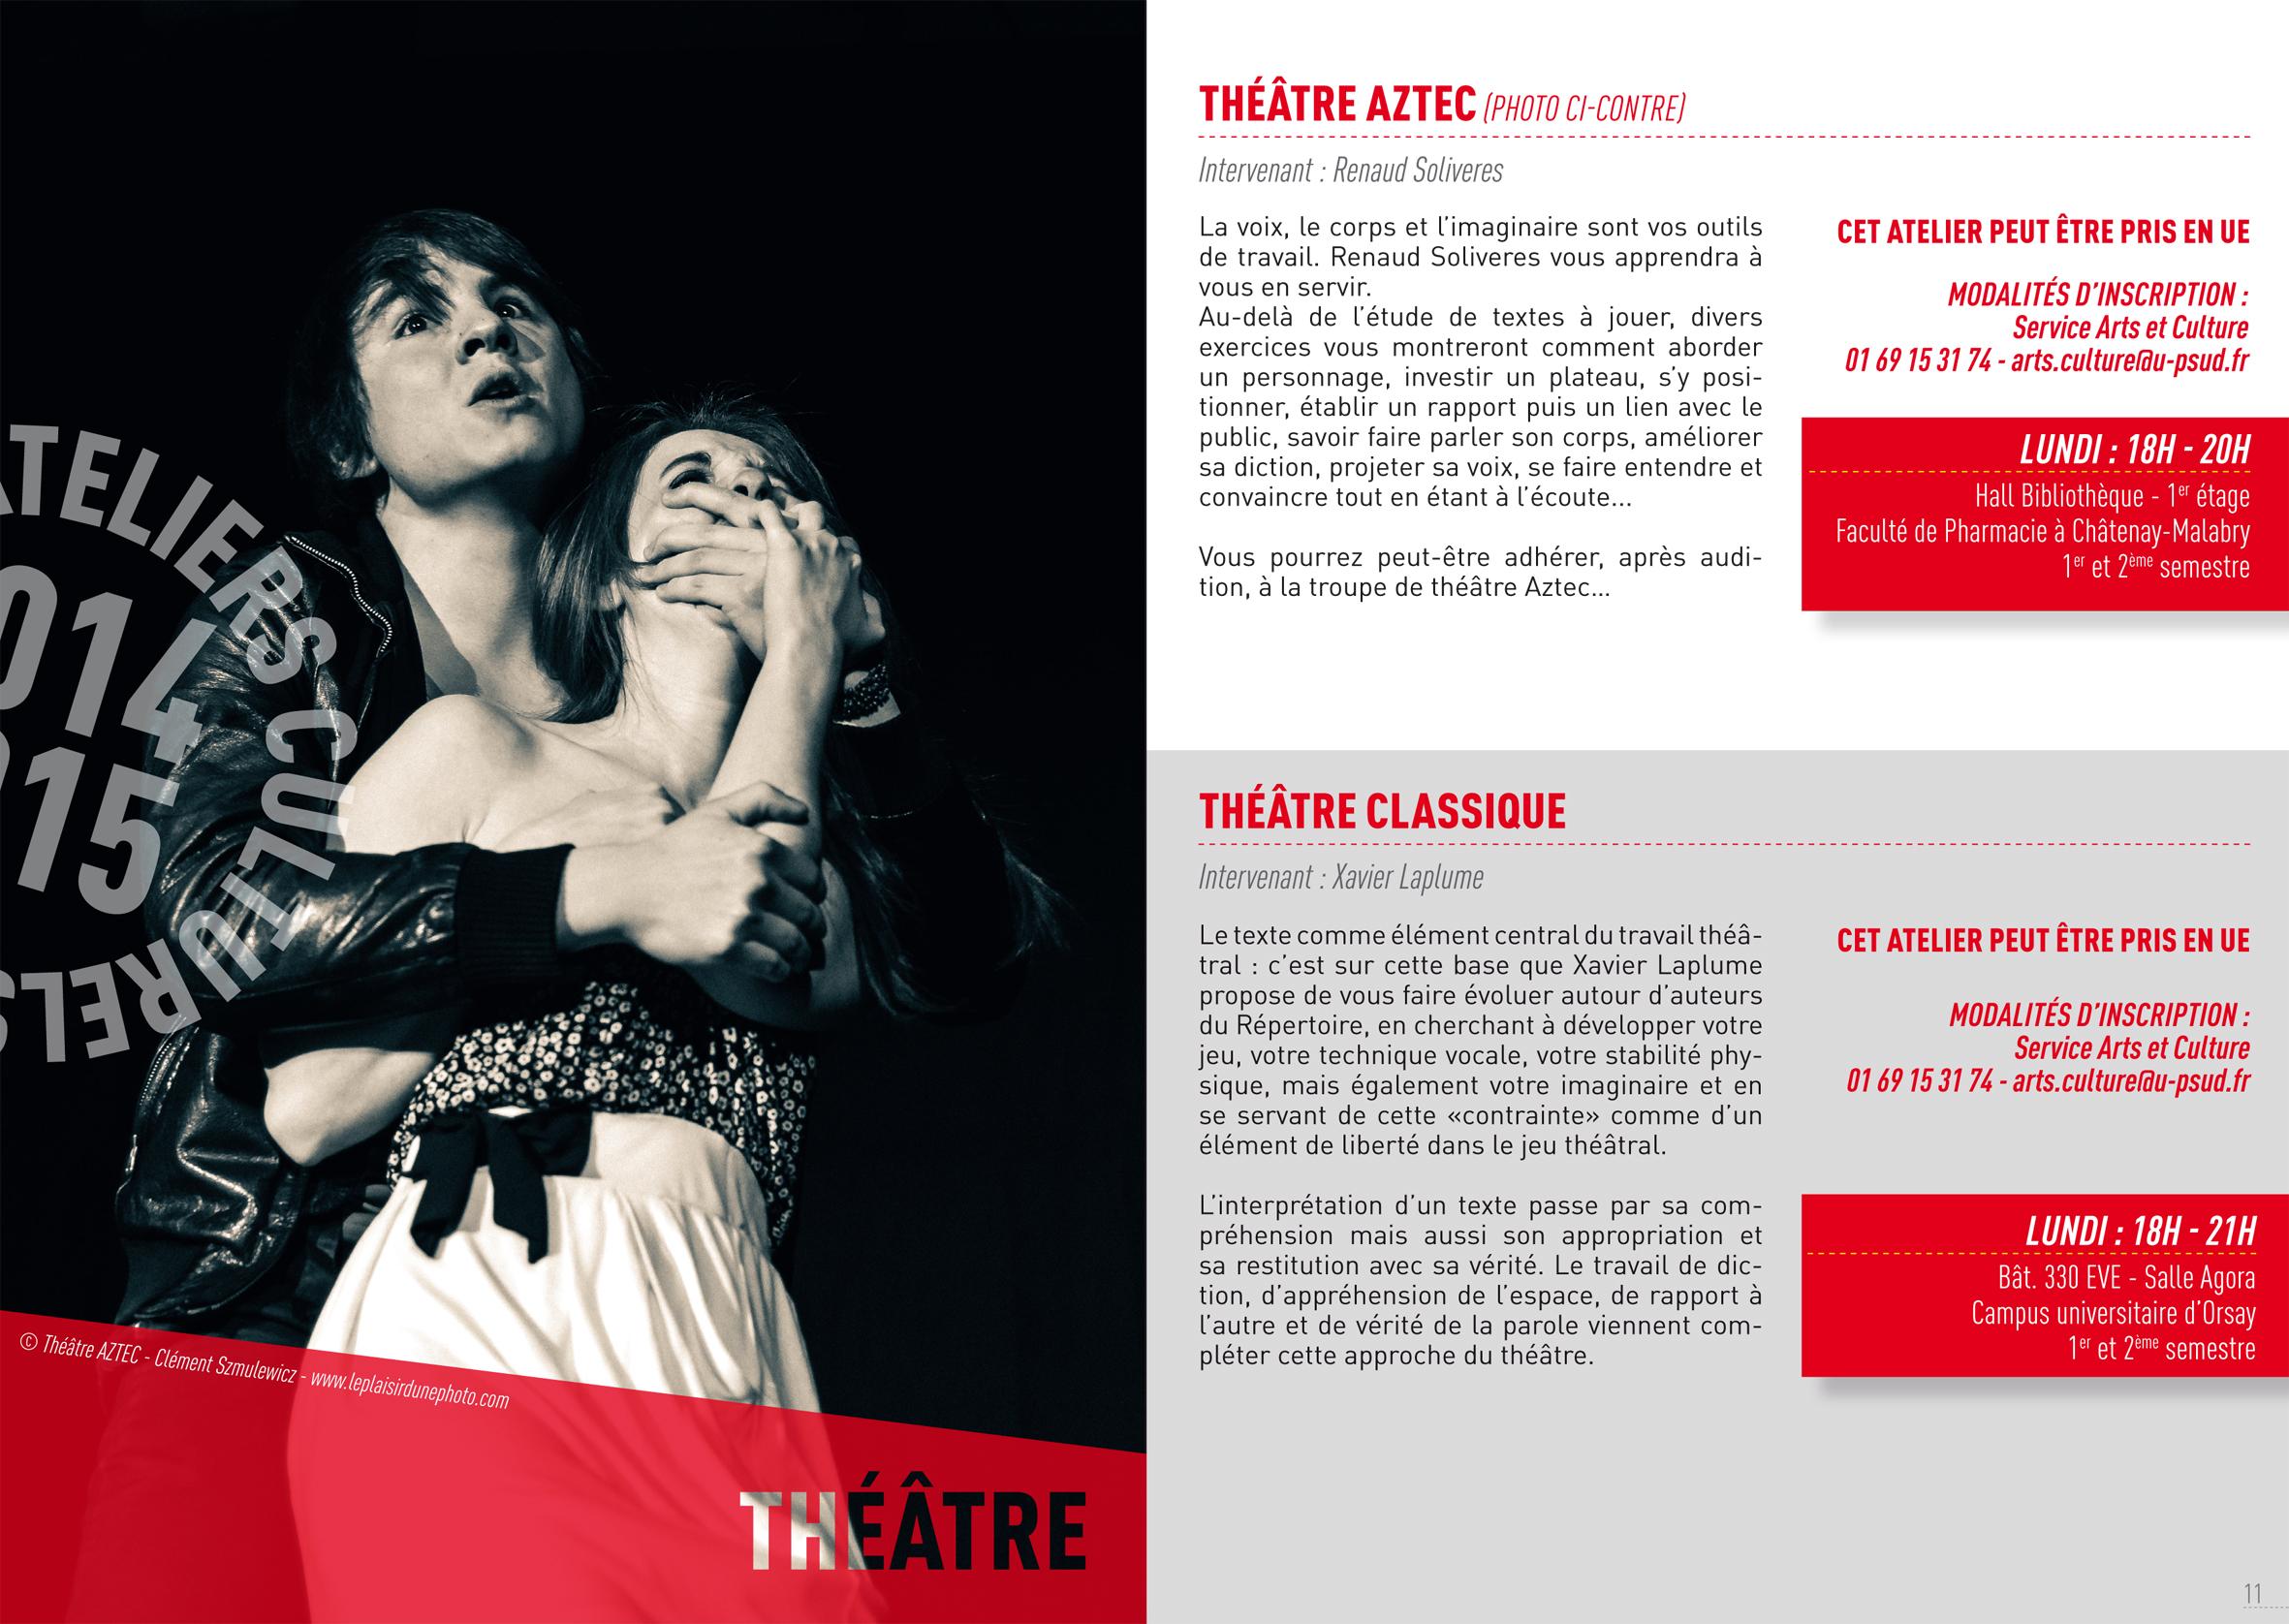 Livret_ateliers_culturels_2014-2015